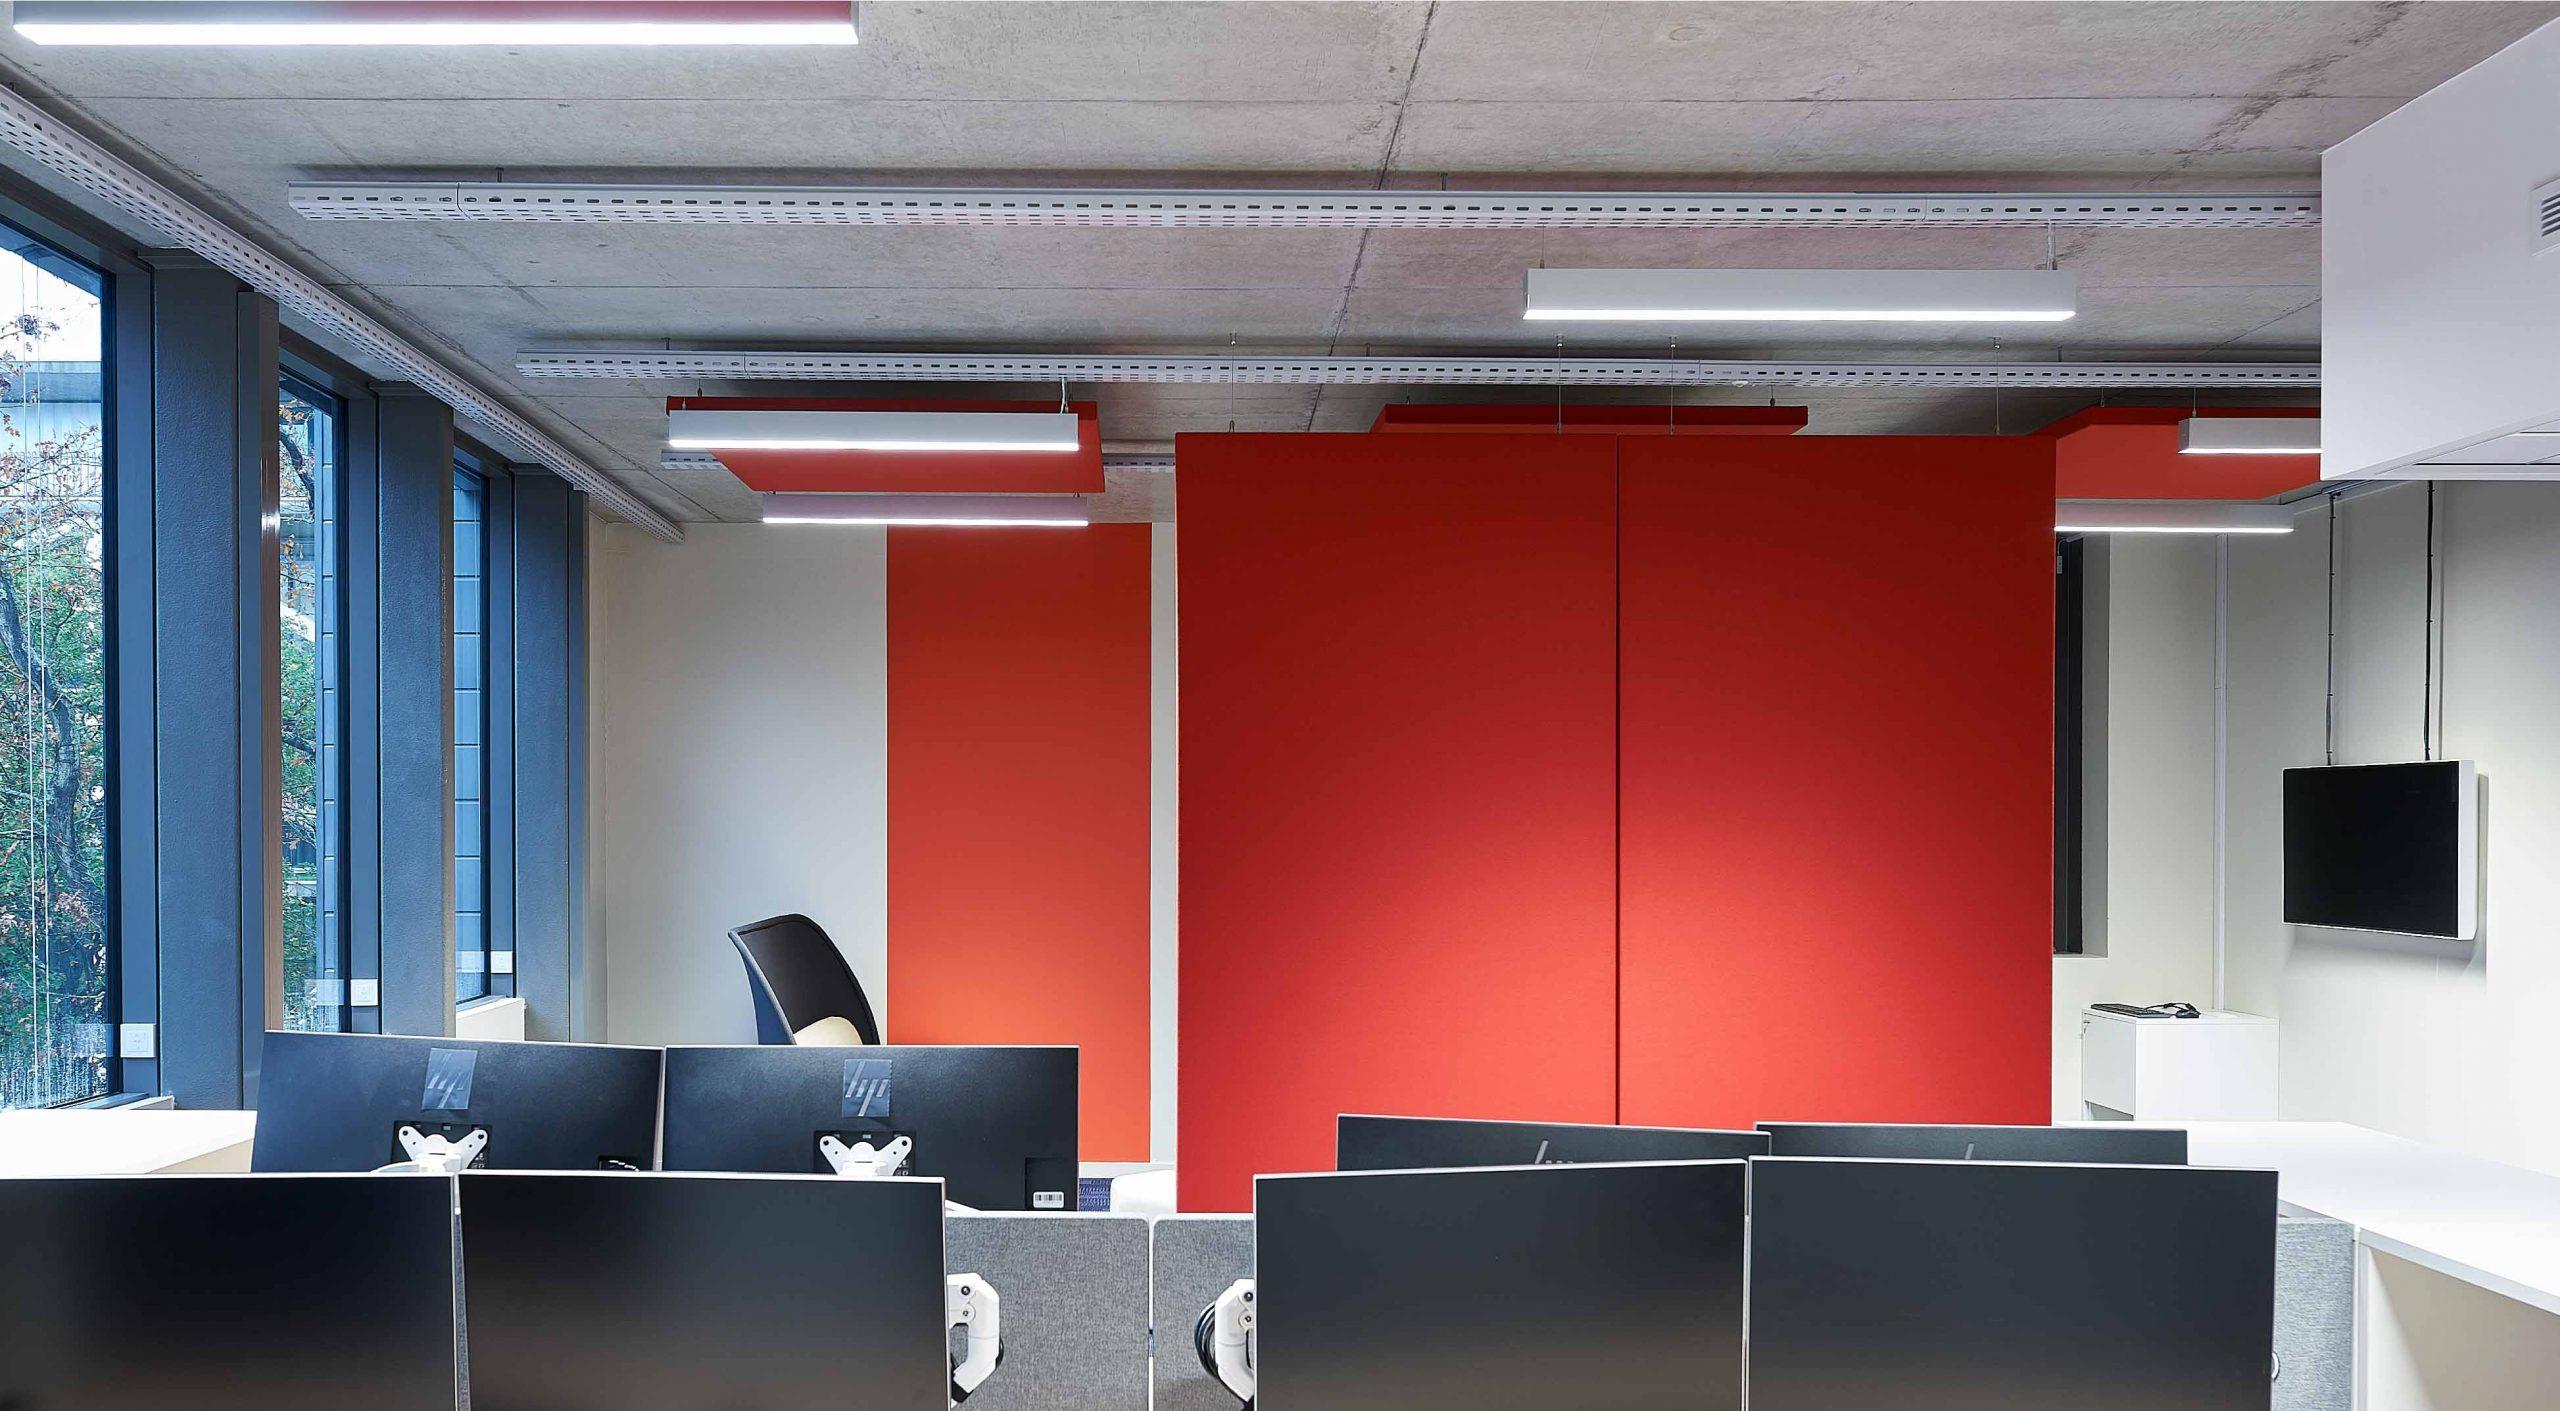 cloison acoustique pour aménagement intérieur et design